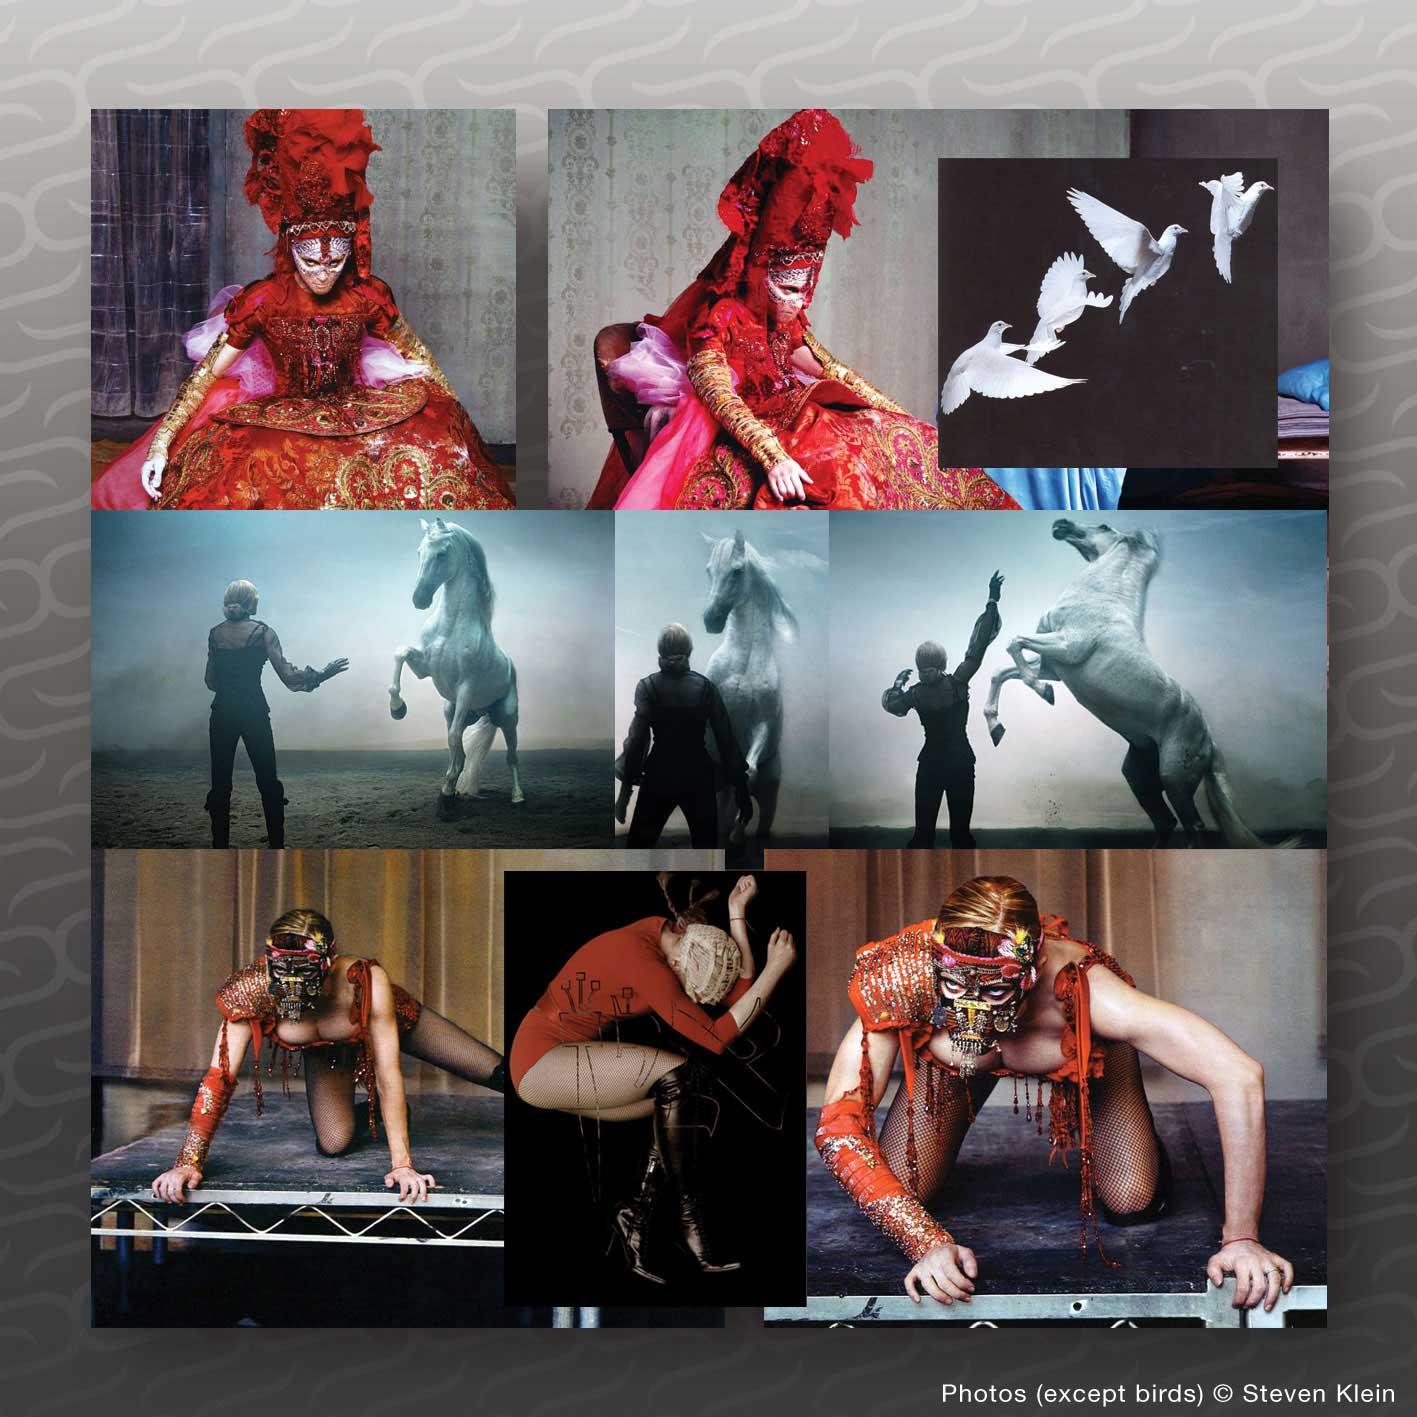 http://1.bp.blogspot.com/-SEpGo4wTkGE/TqOndO06yeI/AAAAAAAAAZU/Ic7swuY_W6U/s1600/Photoshop---Madonna-IGTTYAS-Making-of.jpg